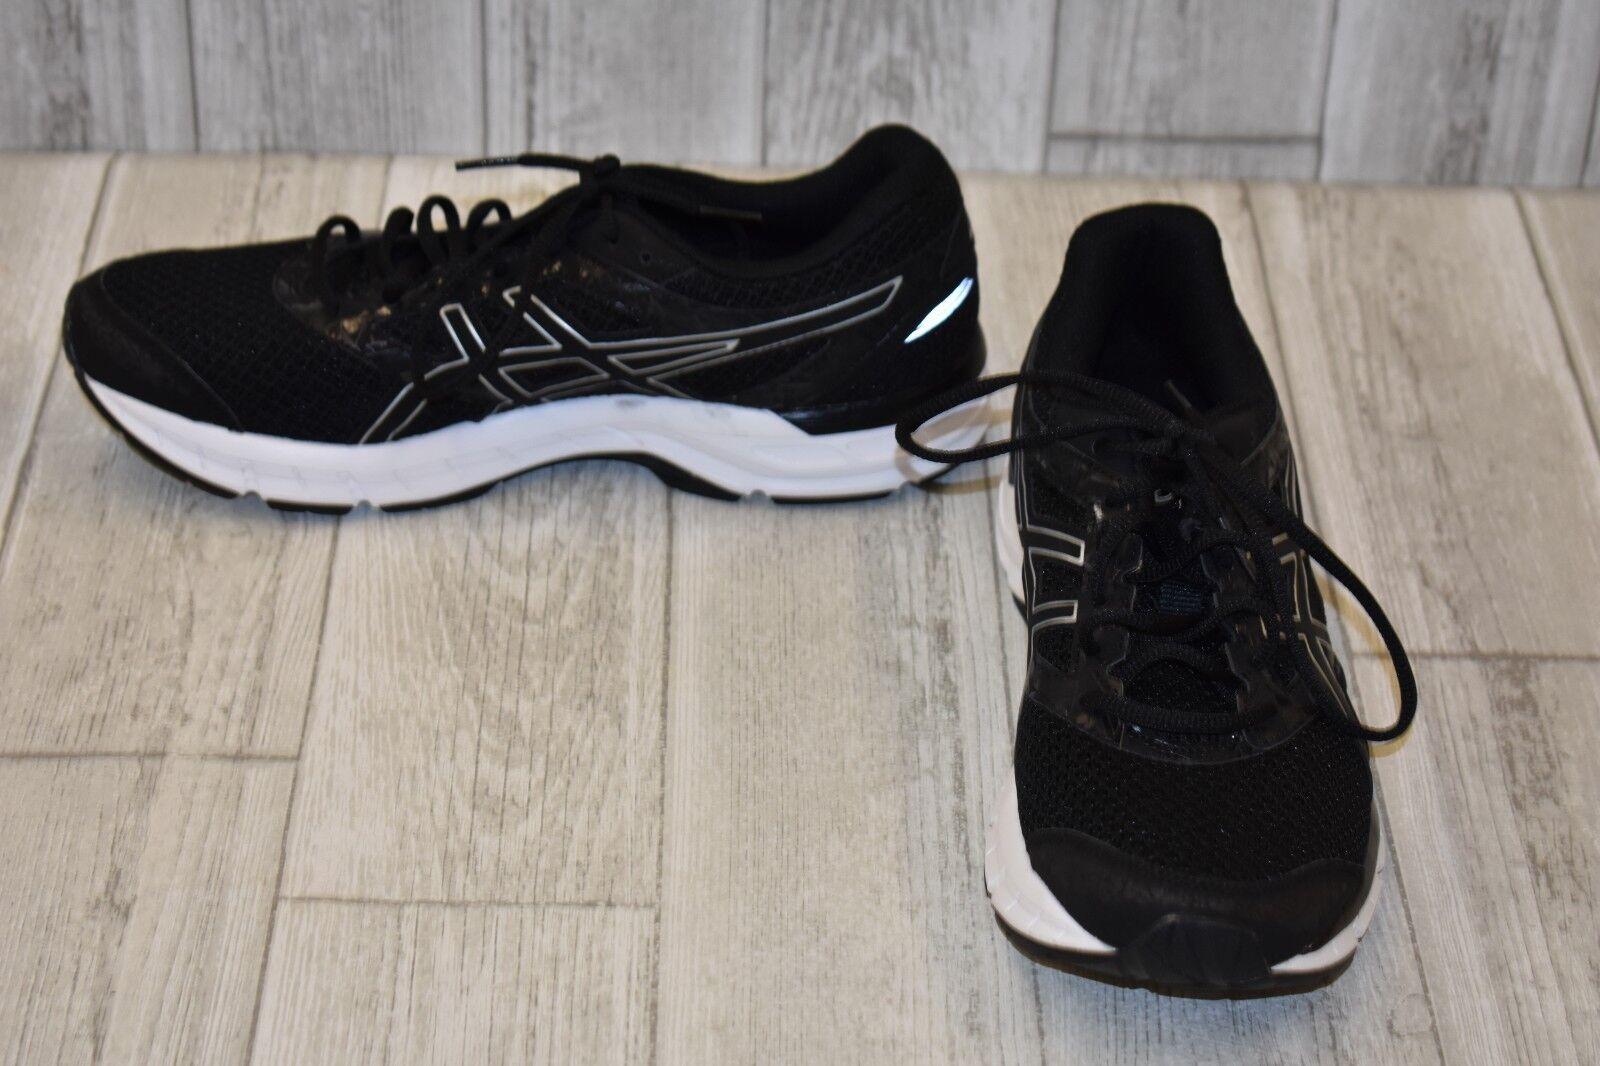 le uomo scarpe da ginnastica gel - 4 - uomo le numero 9,5 - black / silver aef846